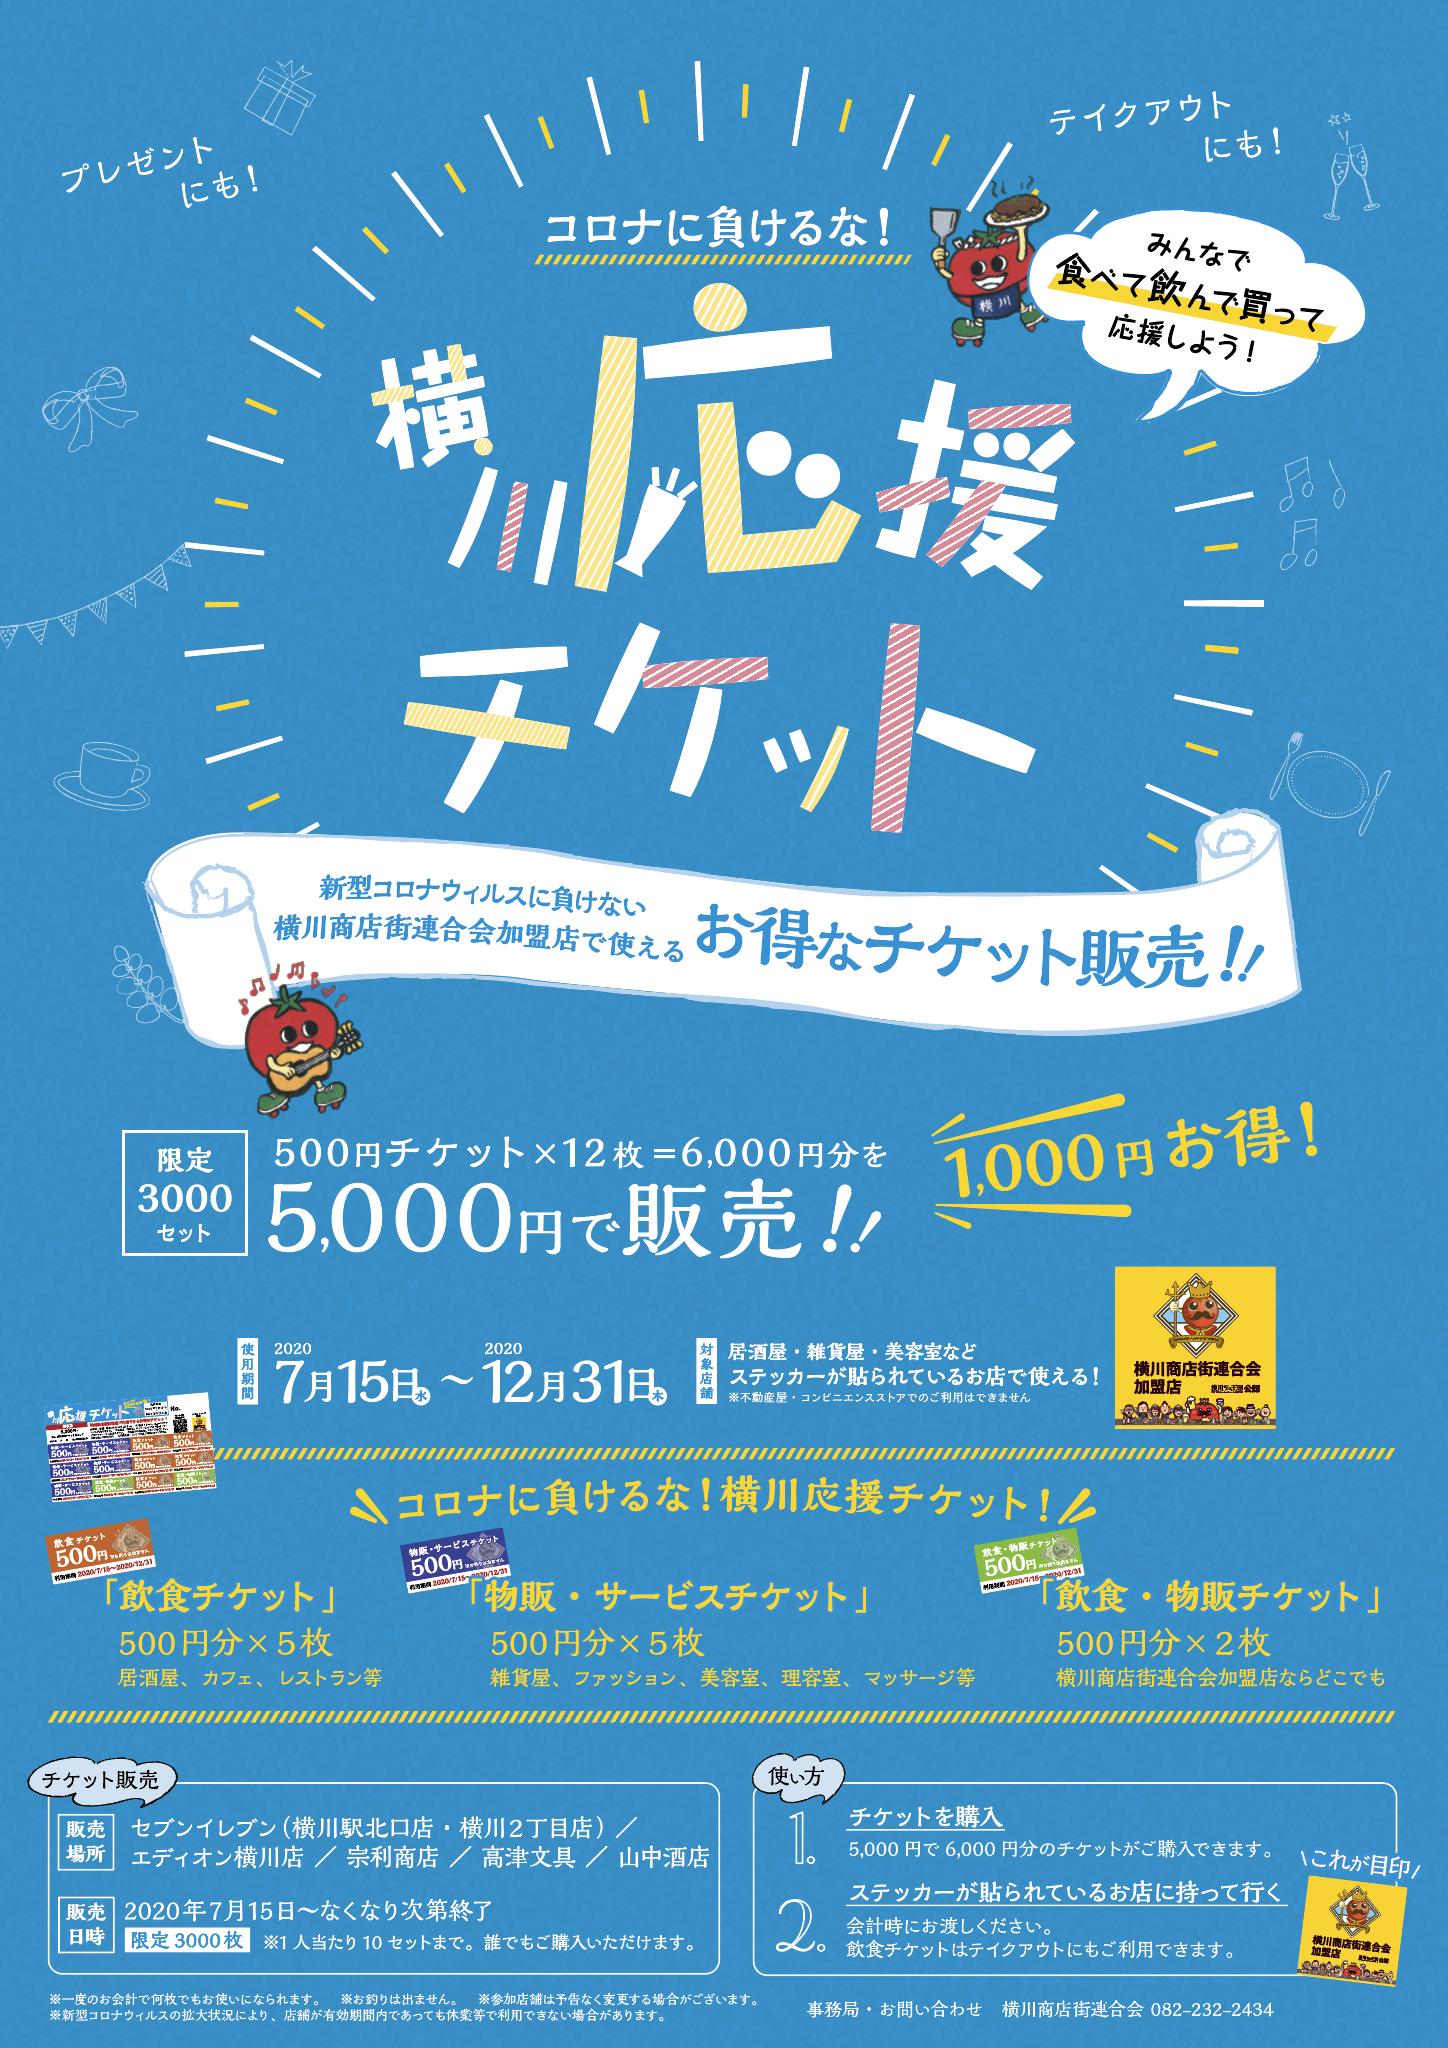 横川応援チケット販売開始!